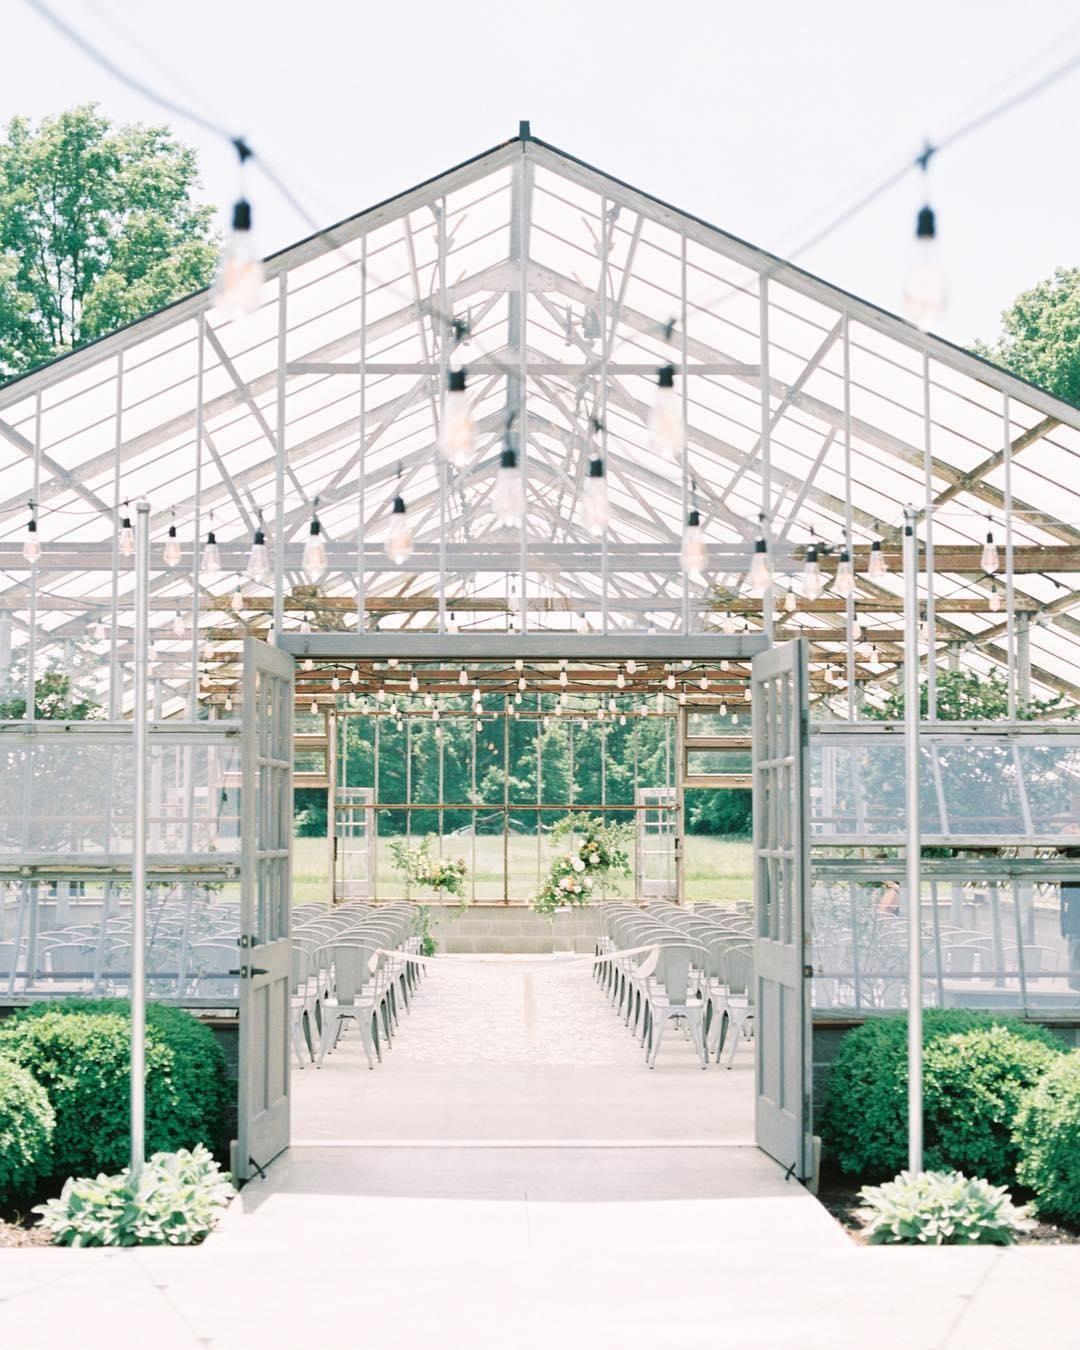 23 Of Ohio S Top Wedding Venues Ohio Wedding Venues Cleveland Wedding Venue Smallest Wedding Venue